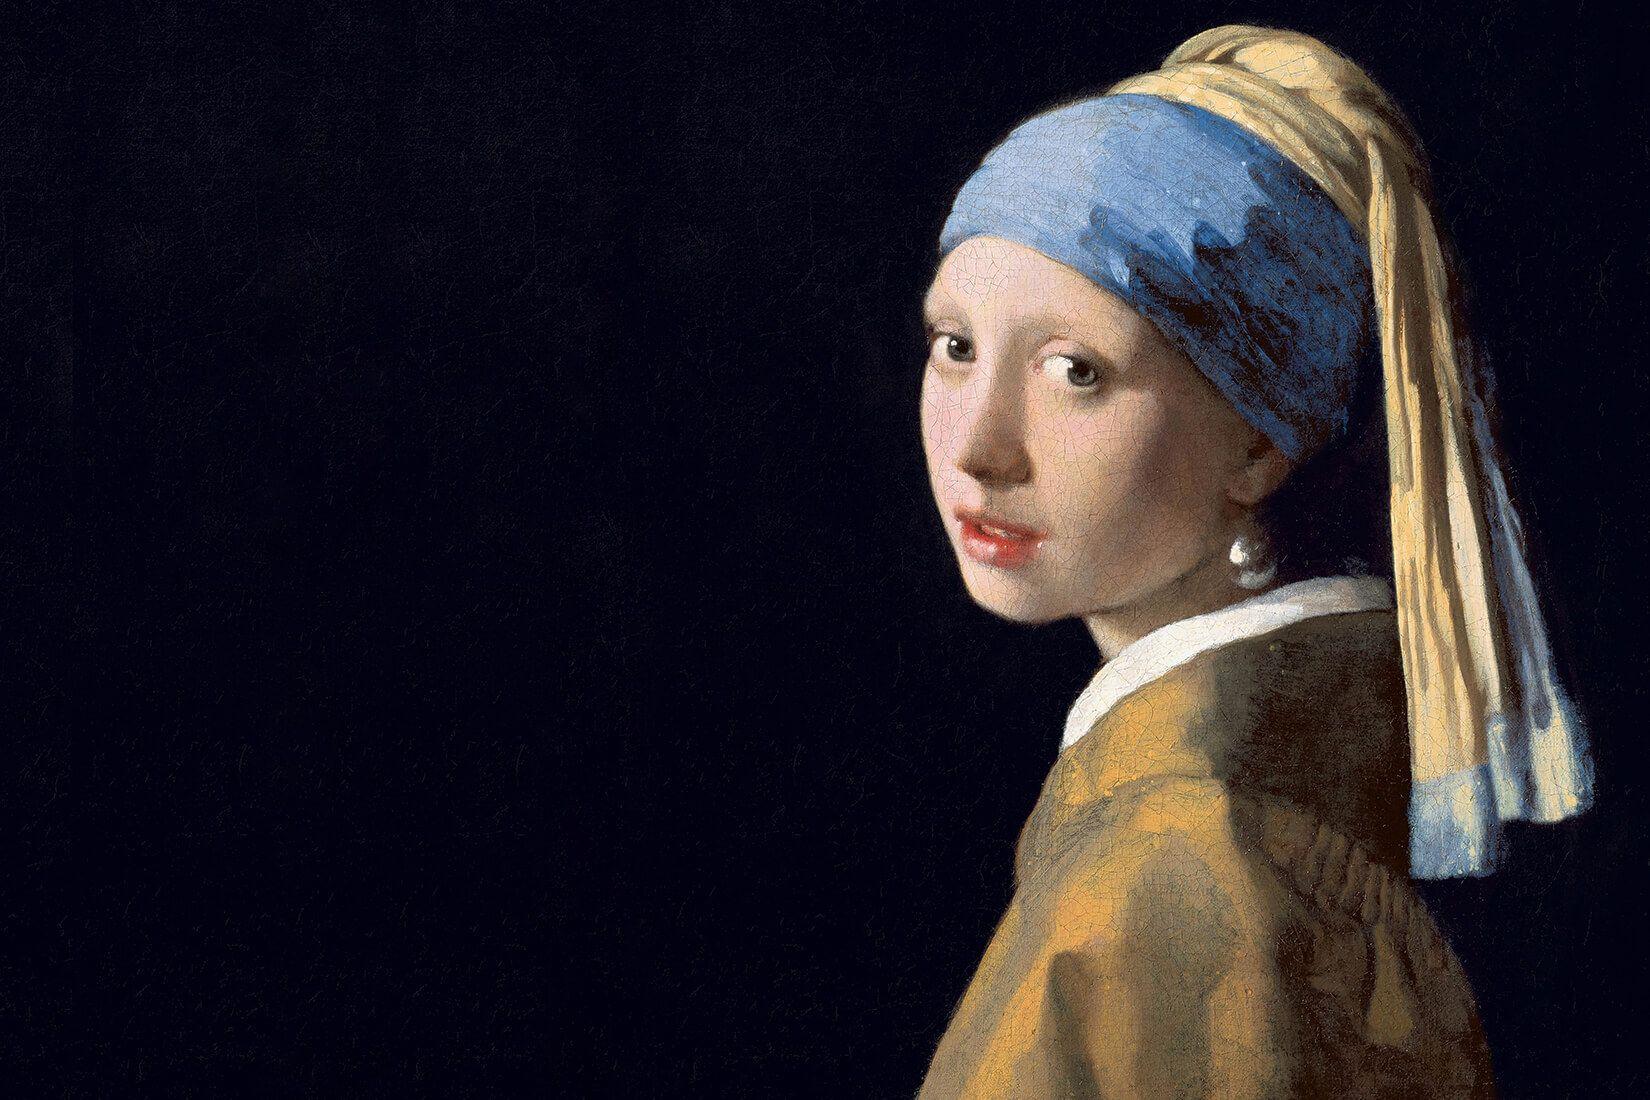 10. Fata cu cercel de perla picturi faimoase